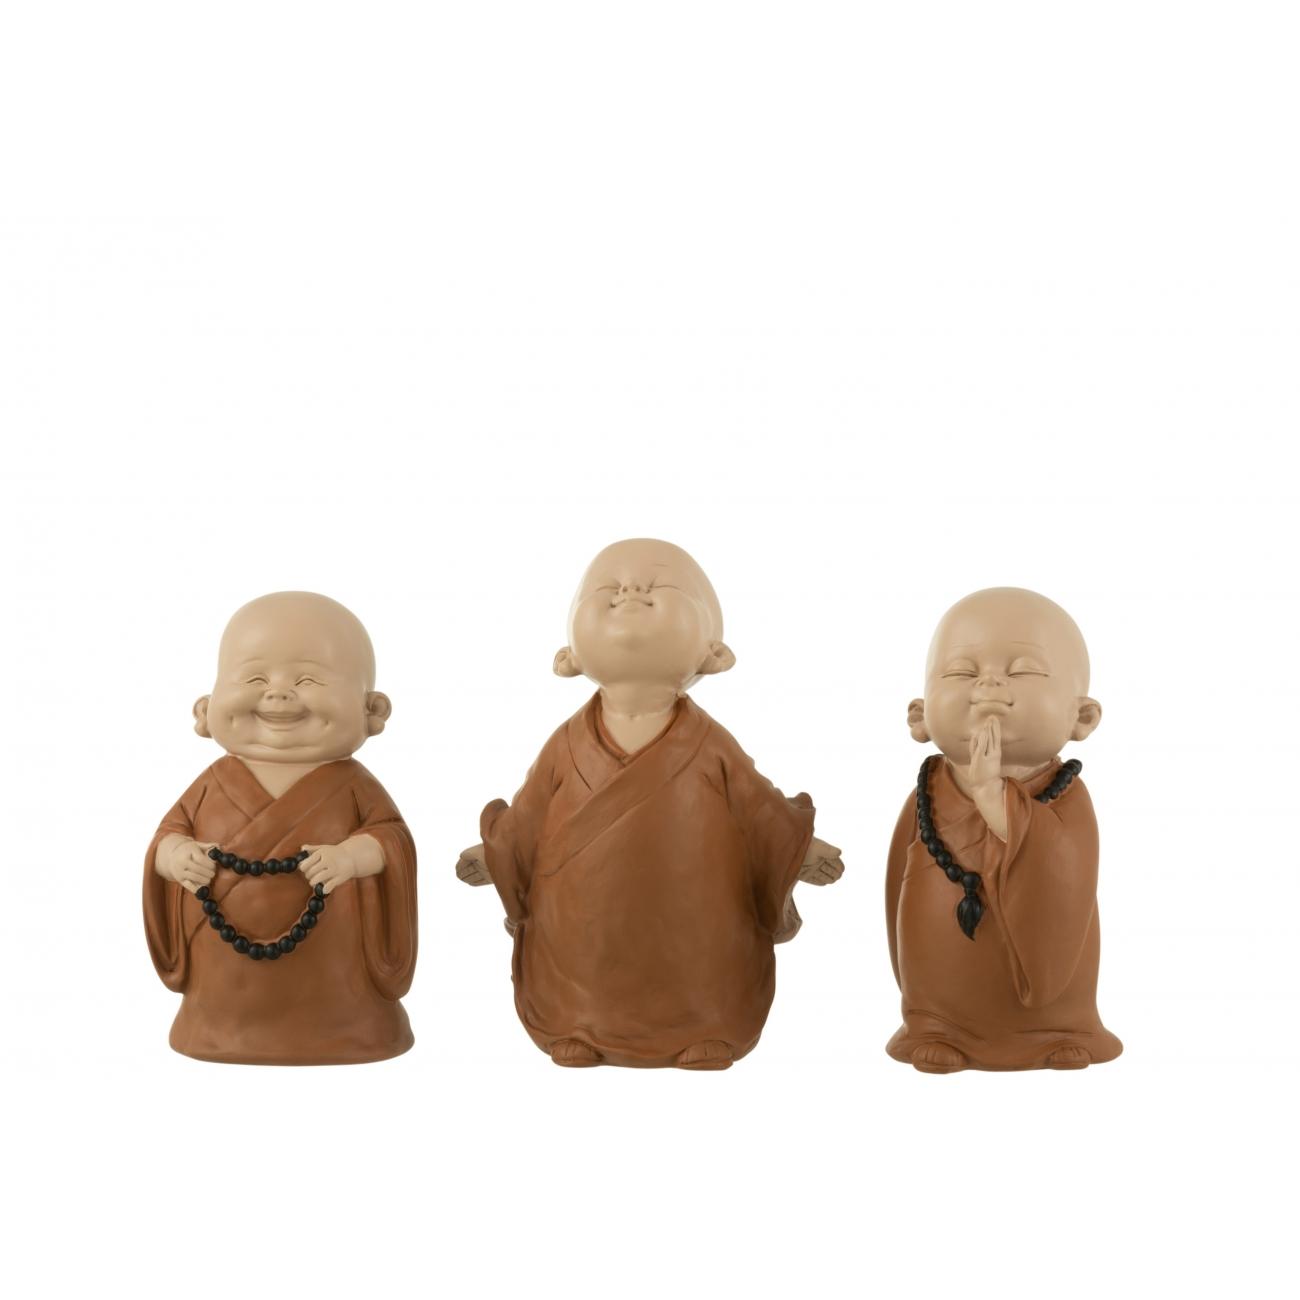 Монахи J-LINE набор из трех статуэток коричневого цвета высота 15 см Бельгия